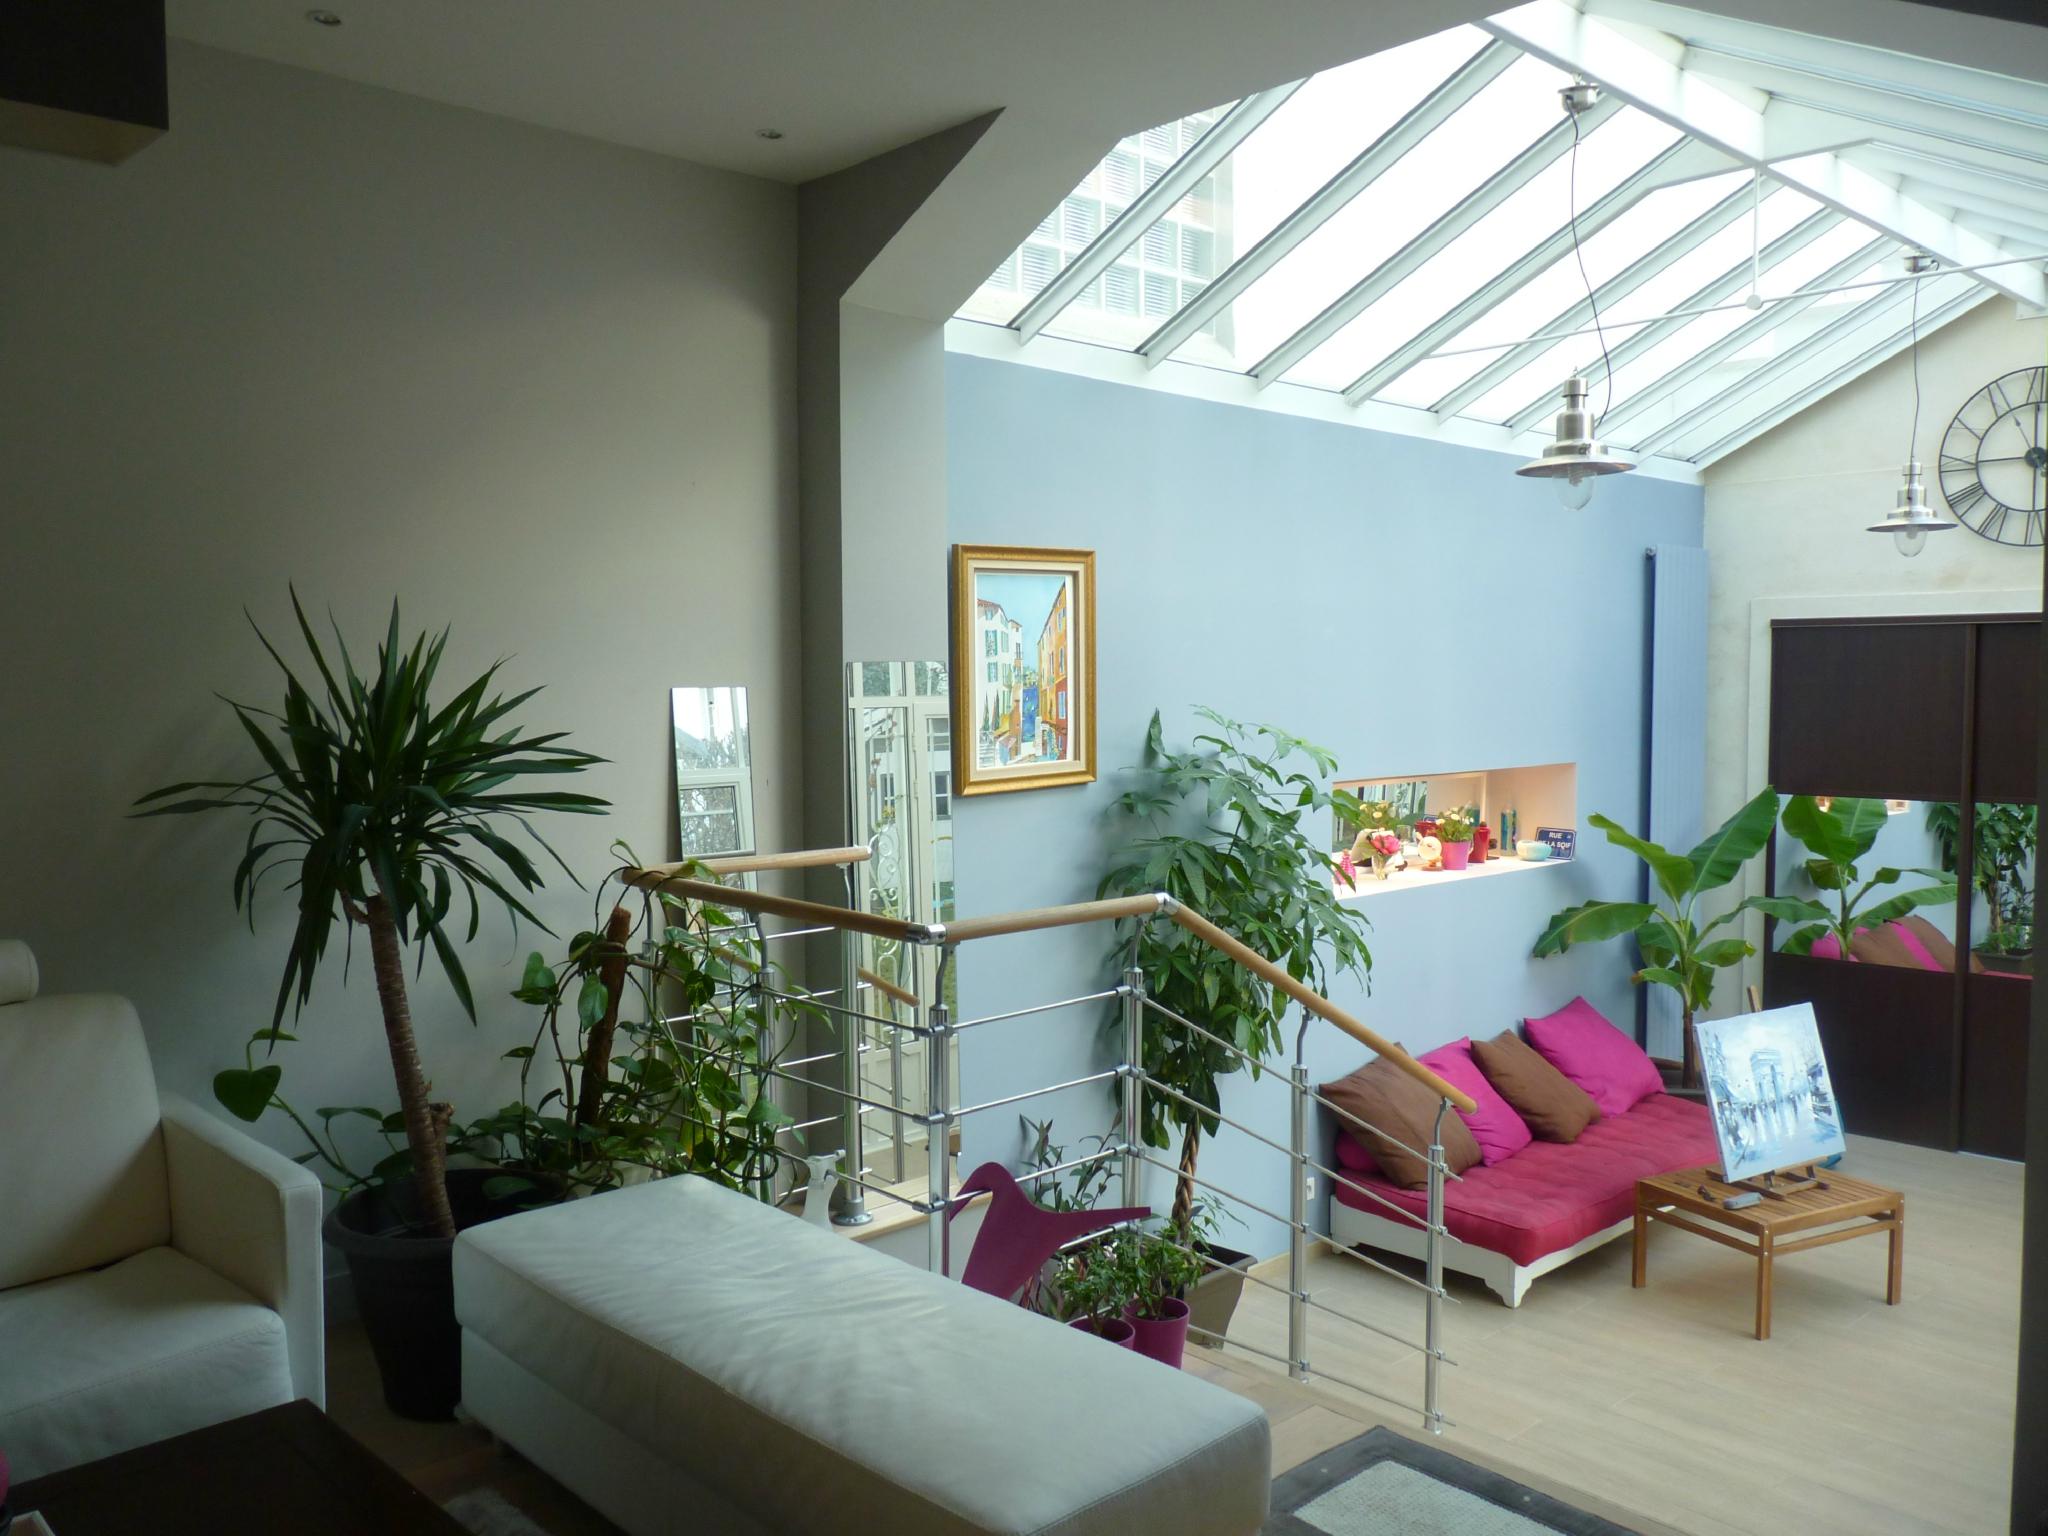 Salon de jardin interieur